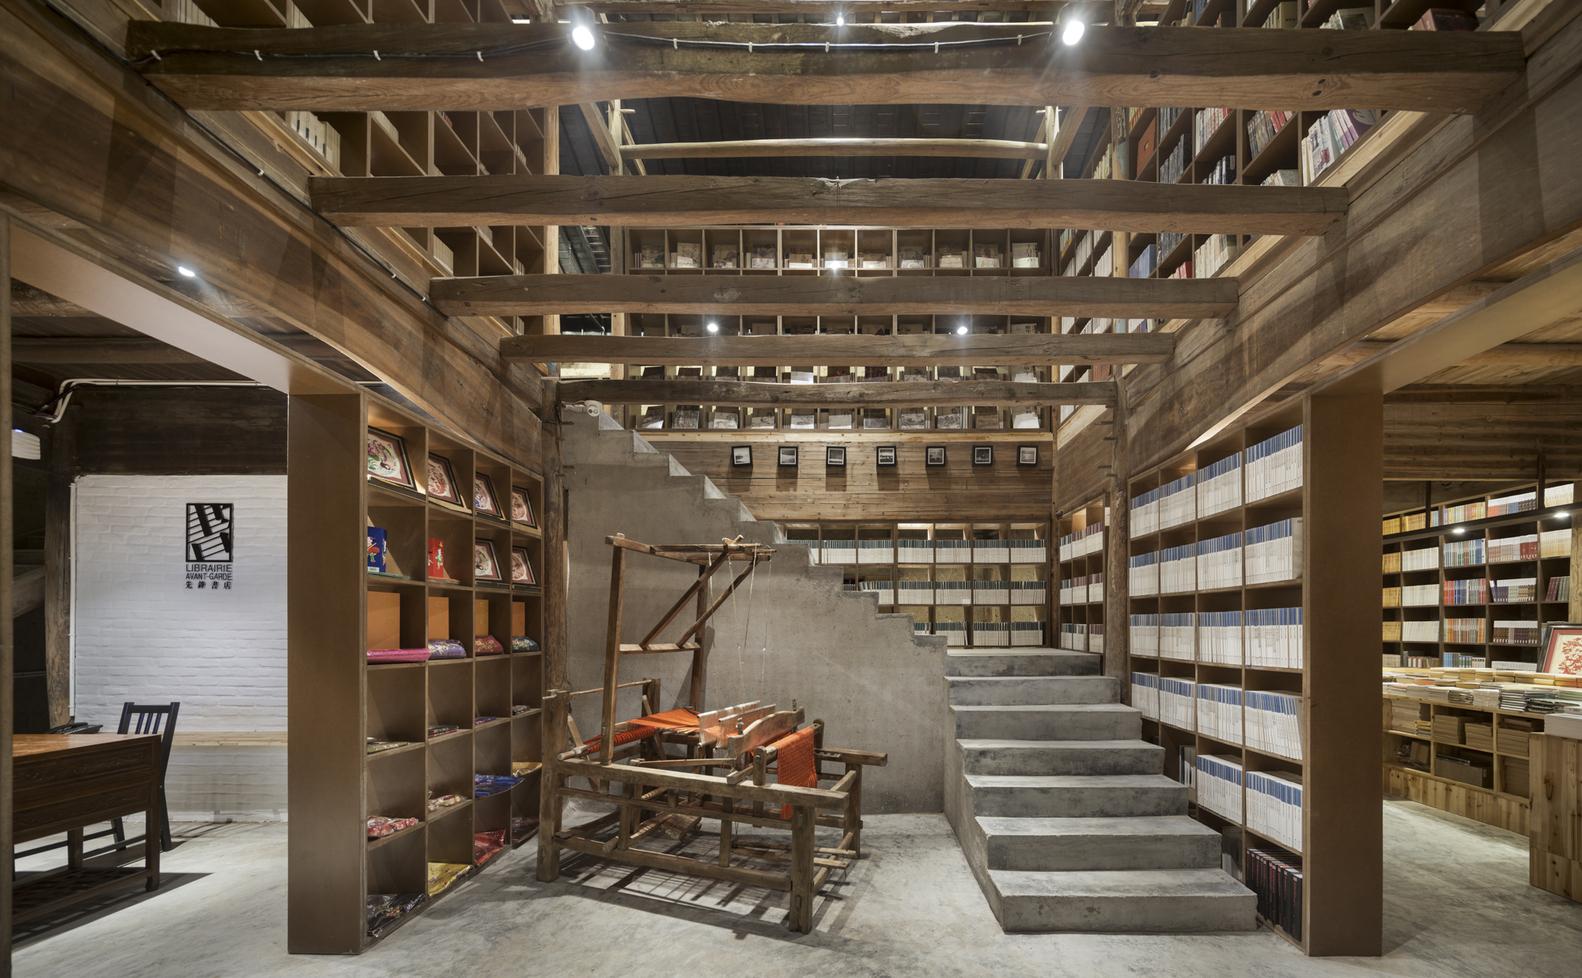 Ruralation Library ศัลยกรรมบ้านดินเก่าให้มีวิญญาณใหม่เป็นห้องสมุดในหมู่บ้านไต๋เจียซาน ประเทศจีน